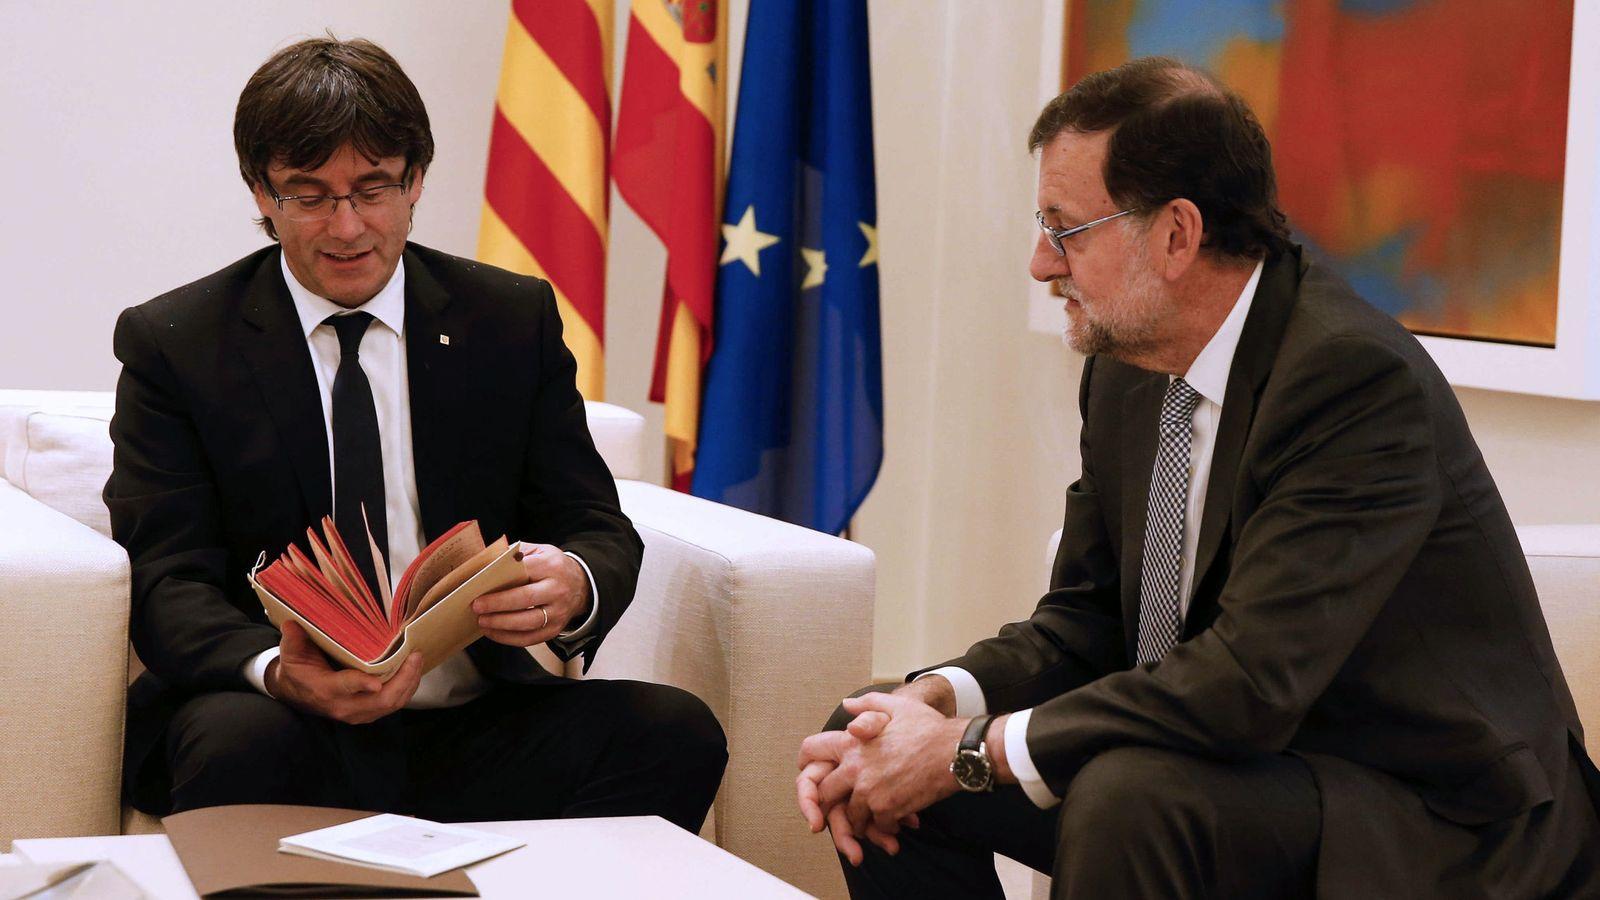 Foto: El presidente de la Generalitat, Carles Puigdemont (i) junto a Mariano Rajoy. (EFE)